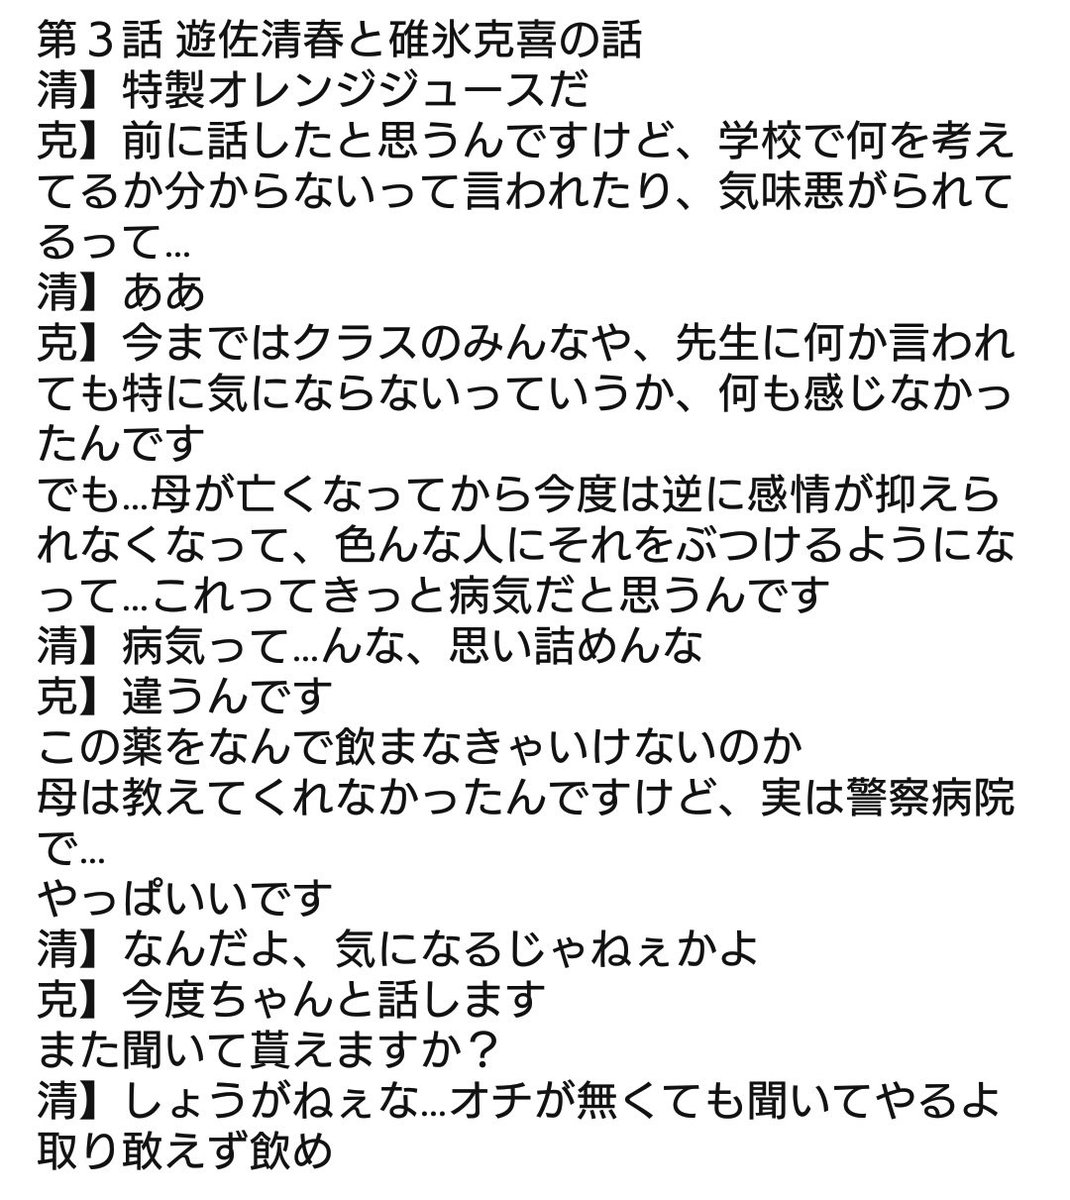 ニッポン ノワール エンディング セリフ